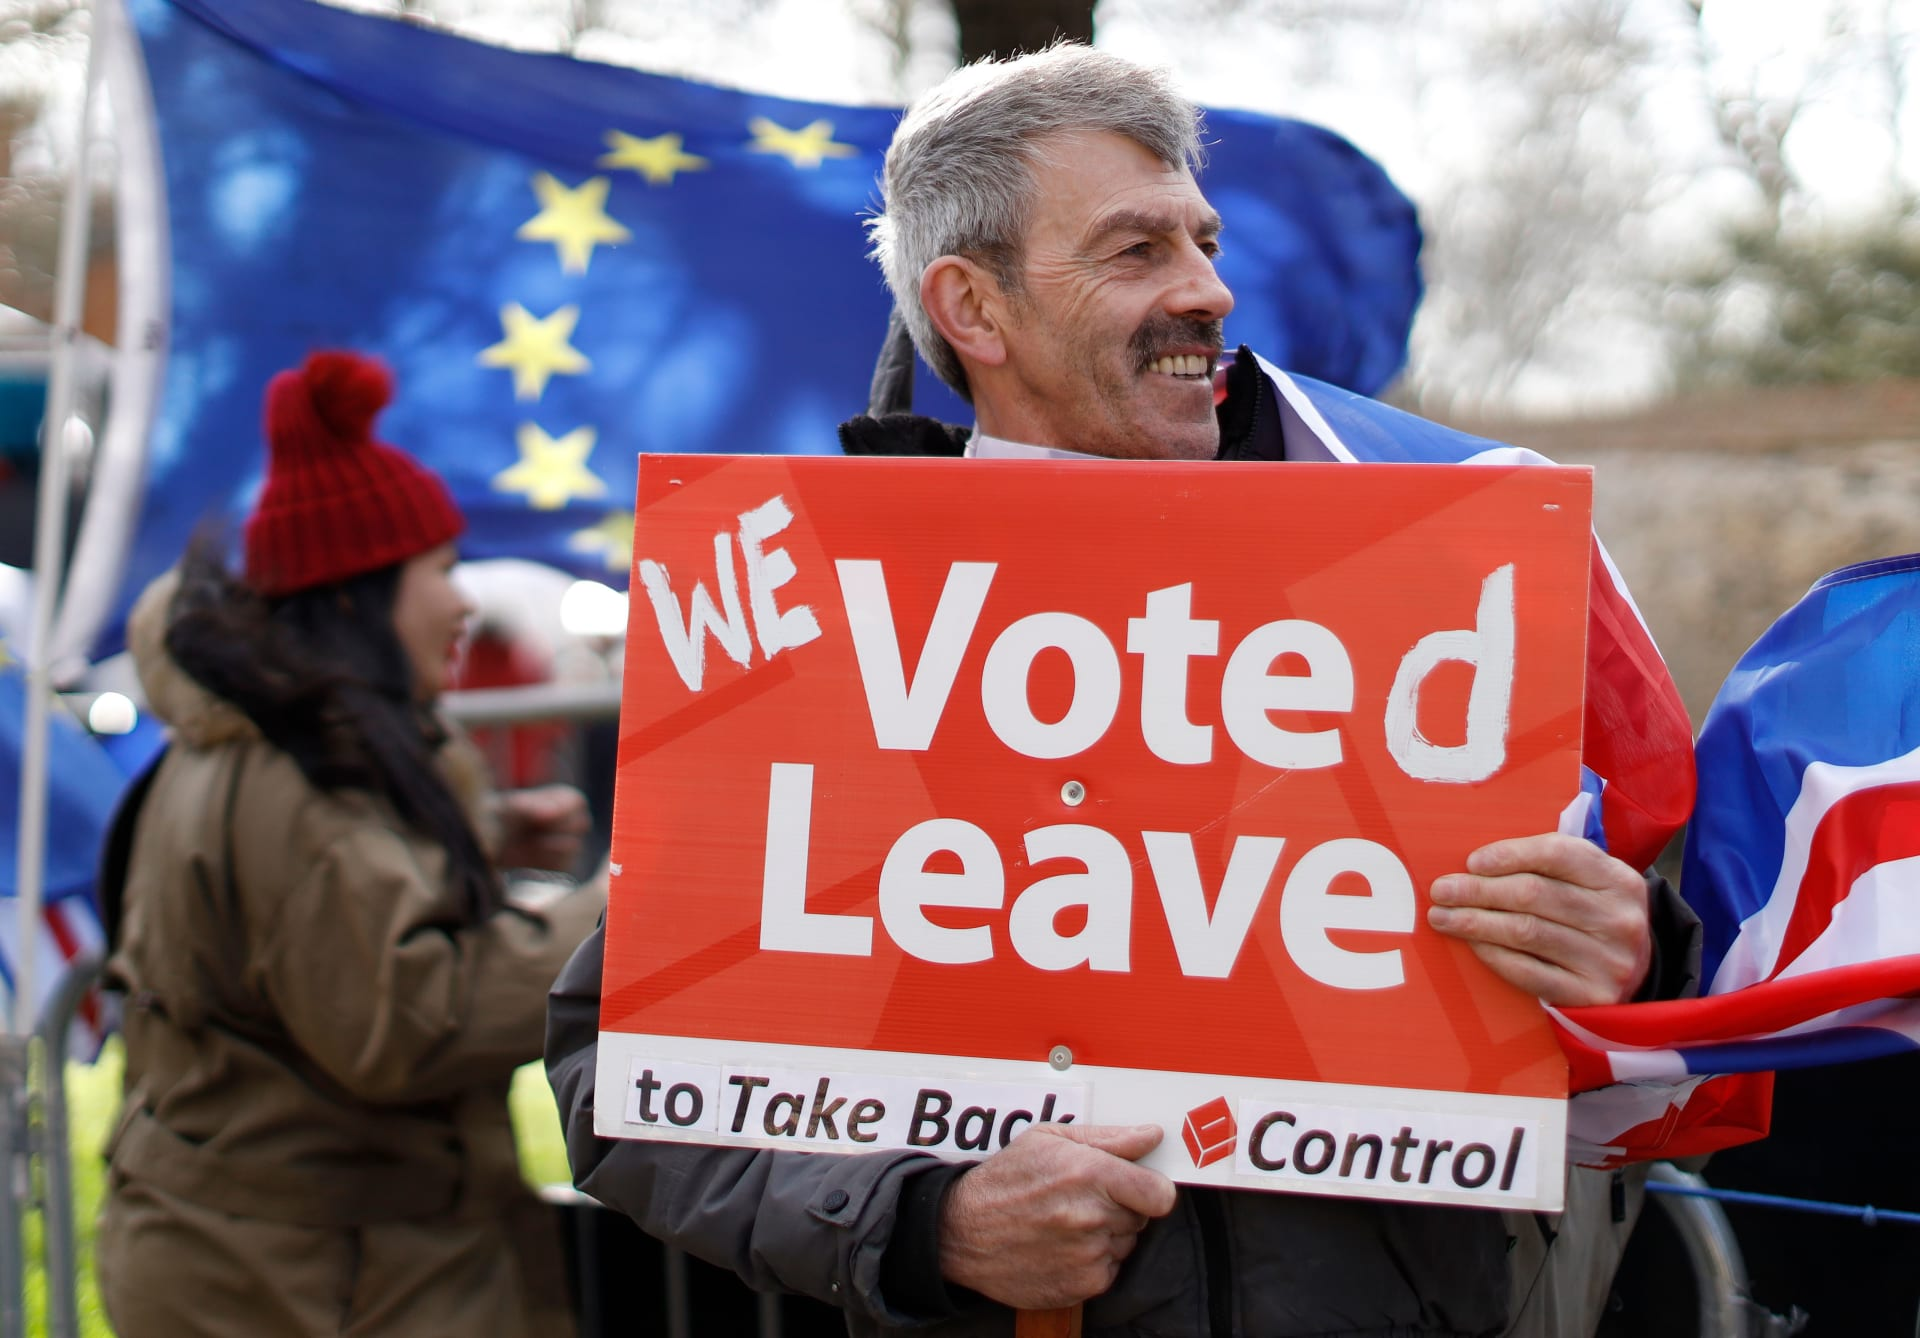 البرلمان البريطاني يرفض إجراء استفتاء ثان على الخروج من الاتحاد الأوروبي